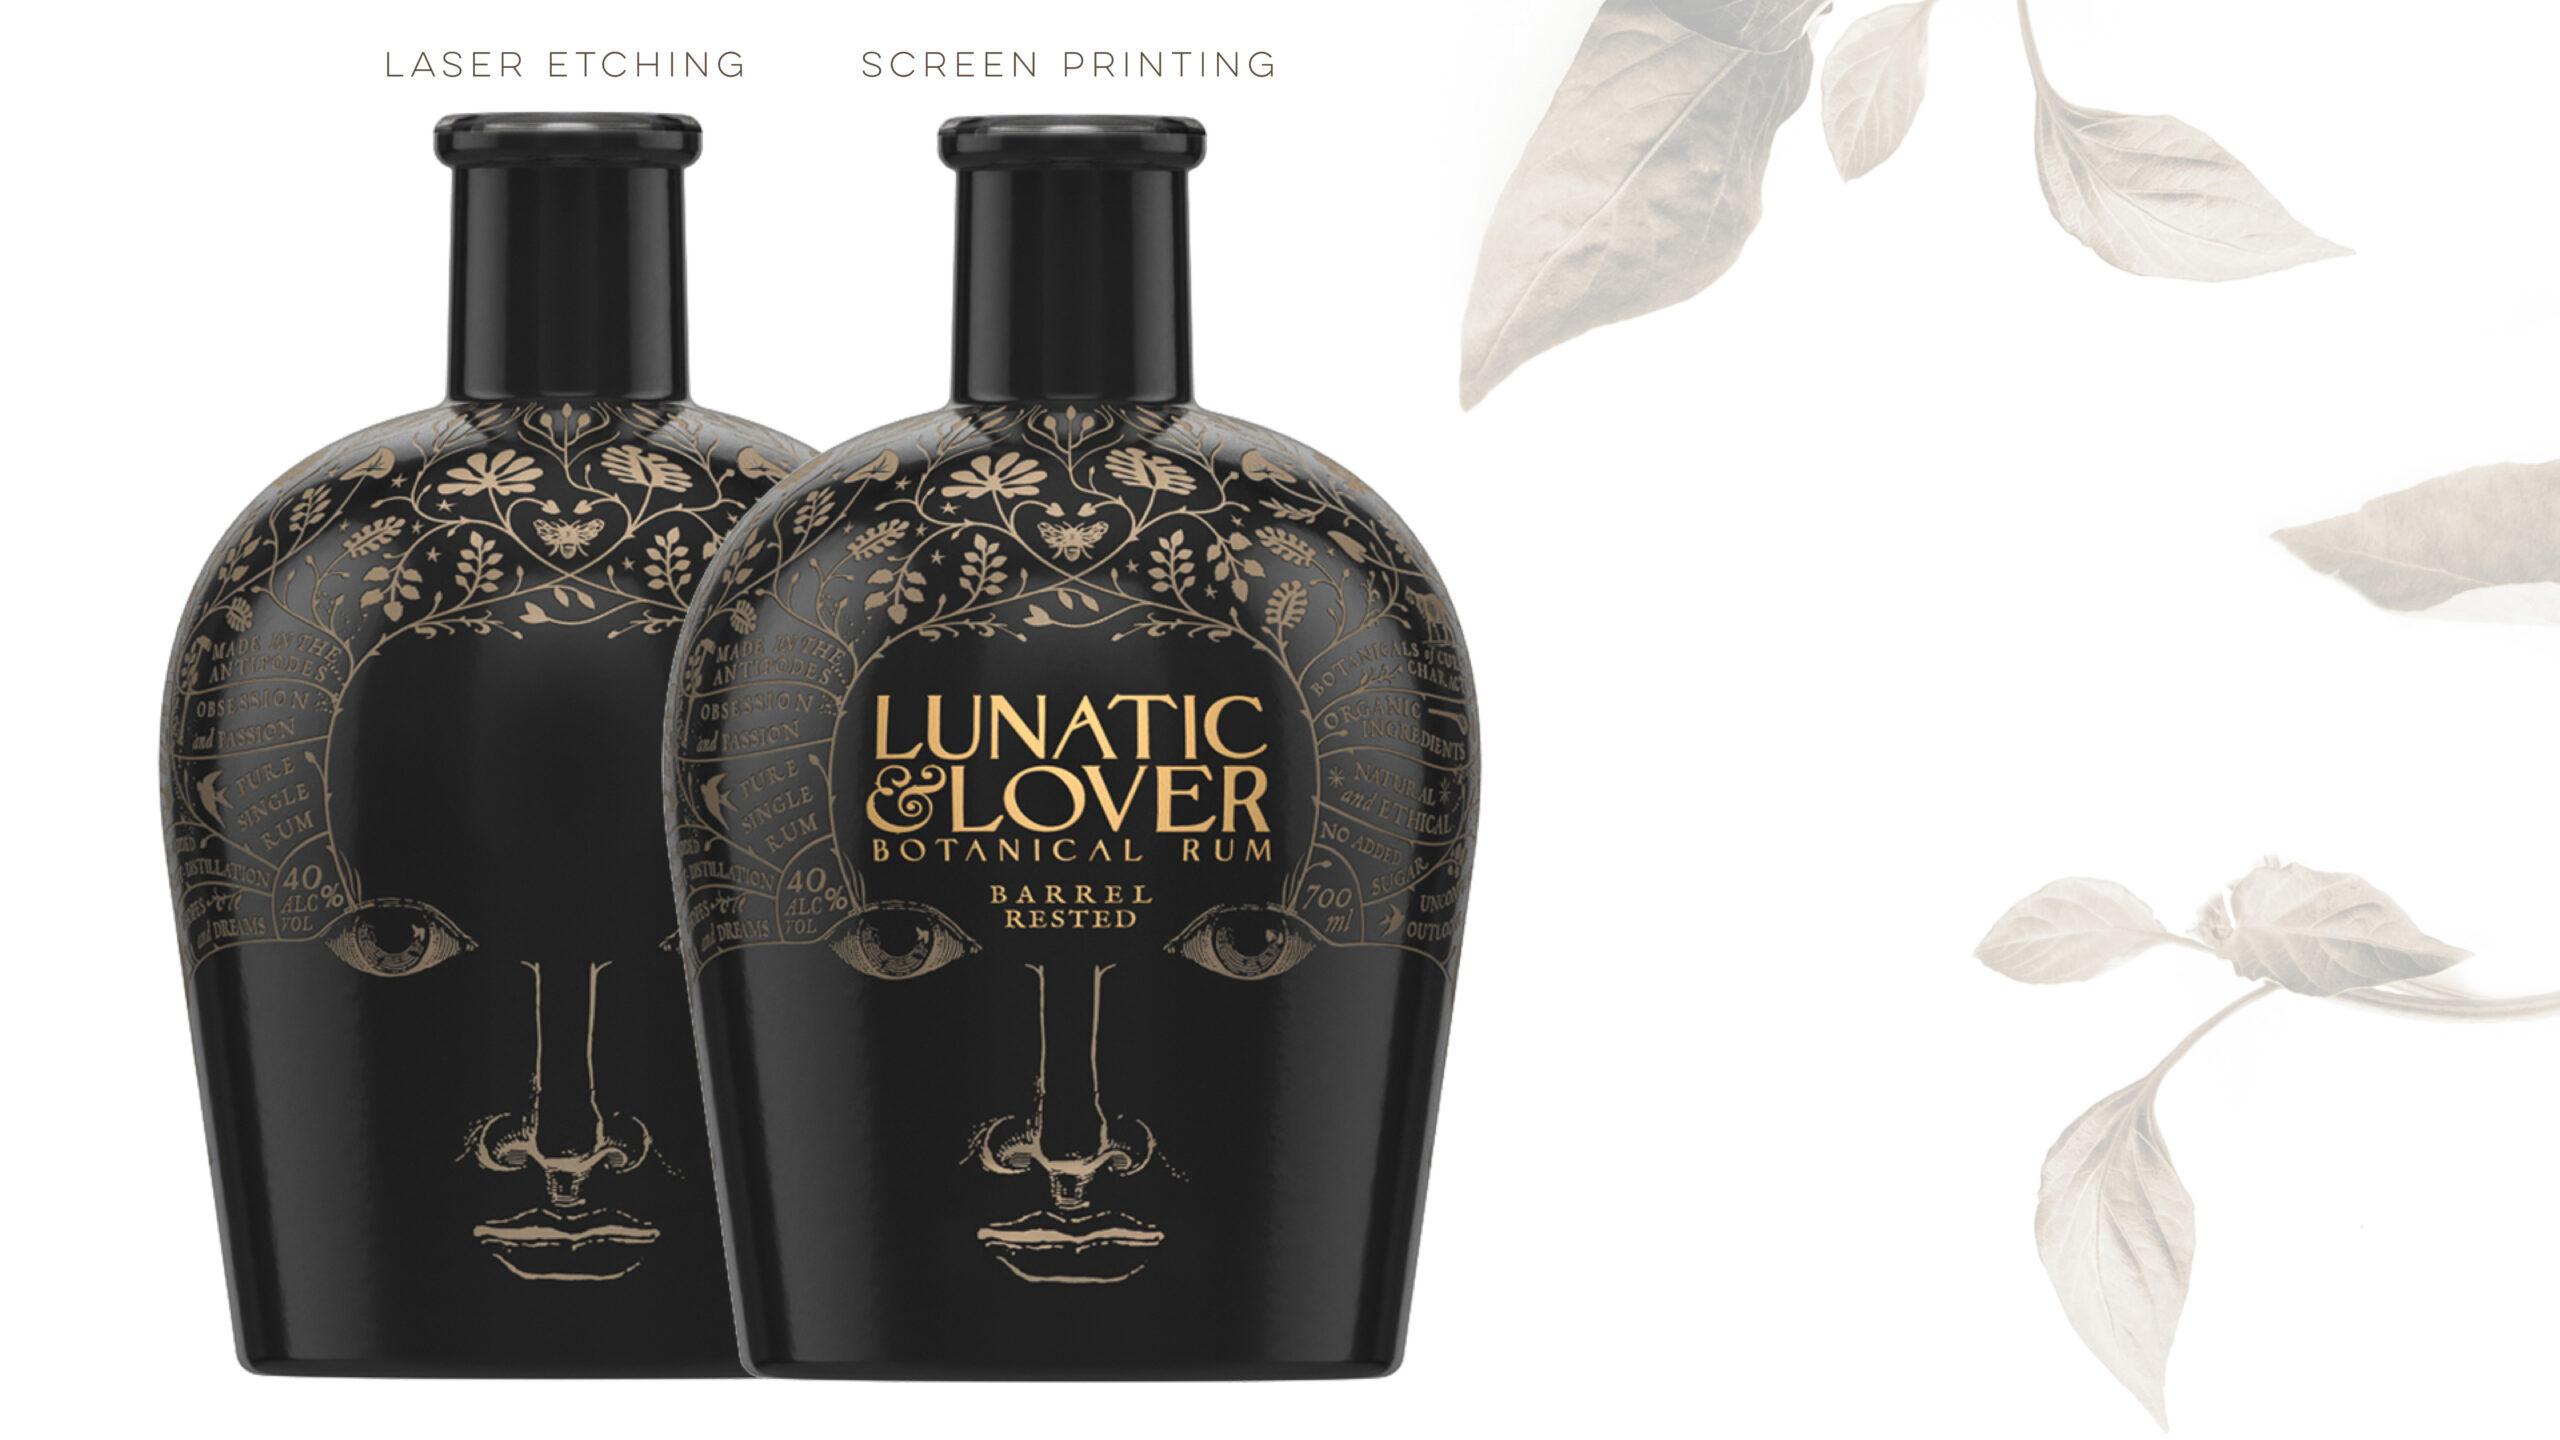 Lunatic Lover Rum